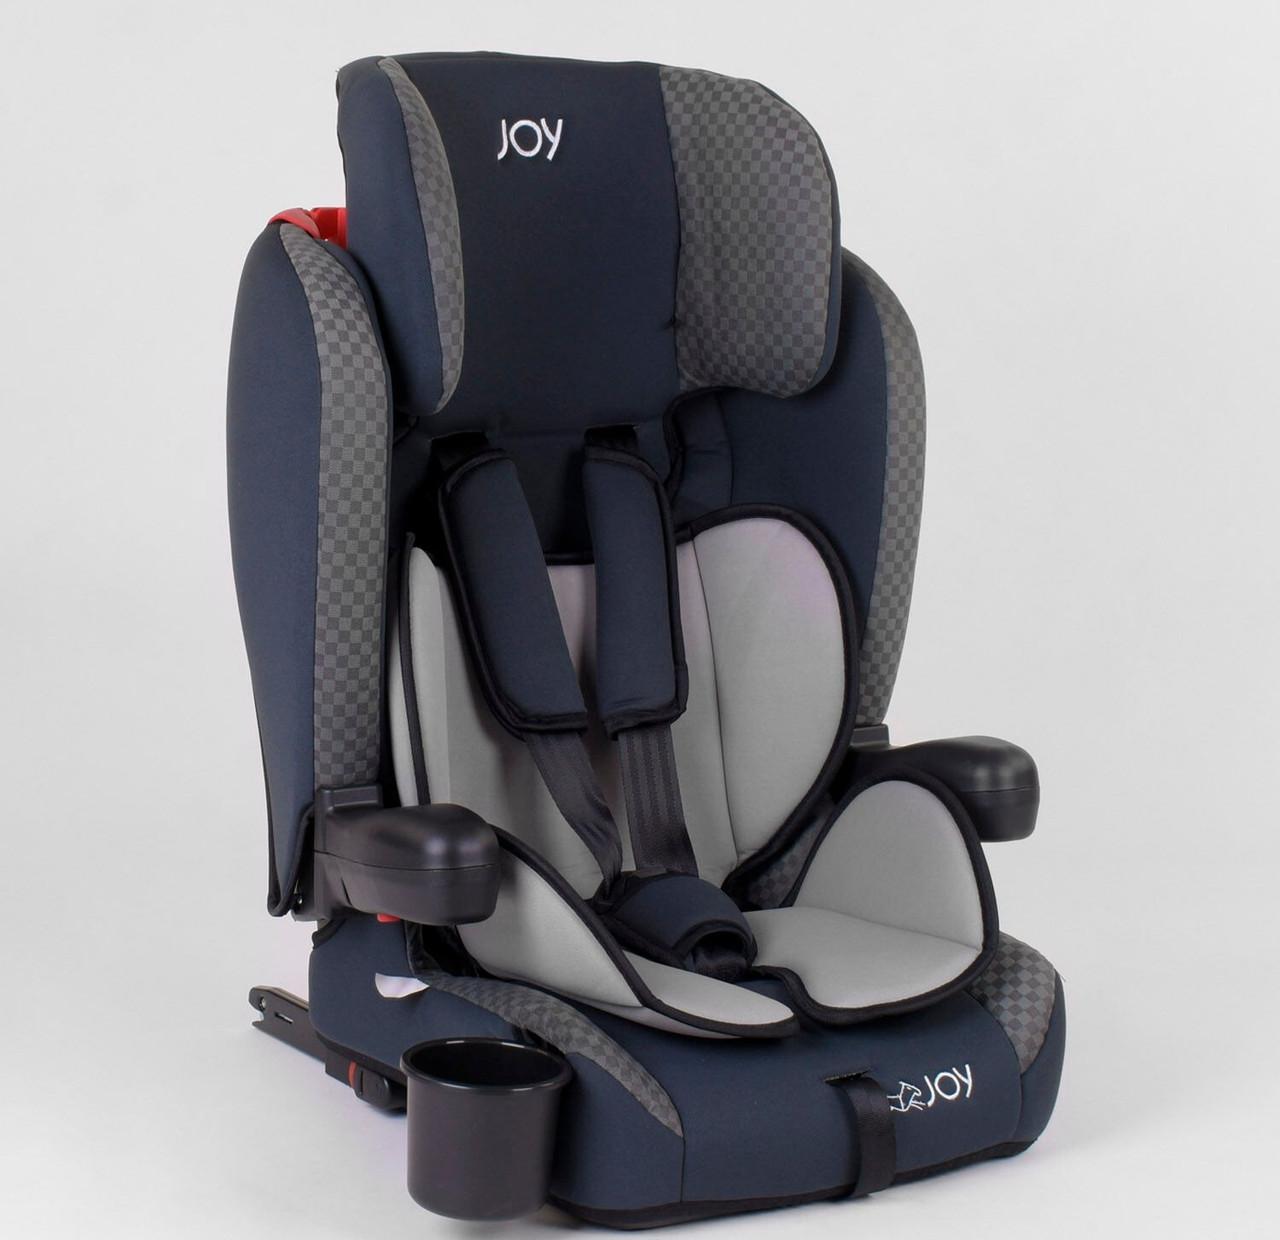 Детское автокресло JOY 24812 система ISOFIX, универсальное